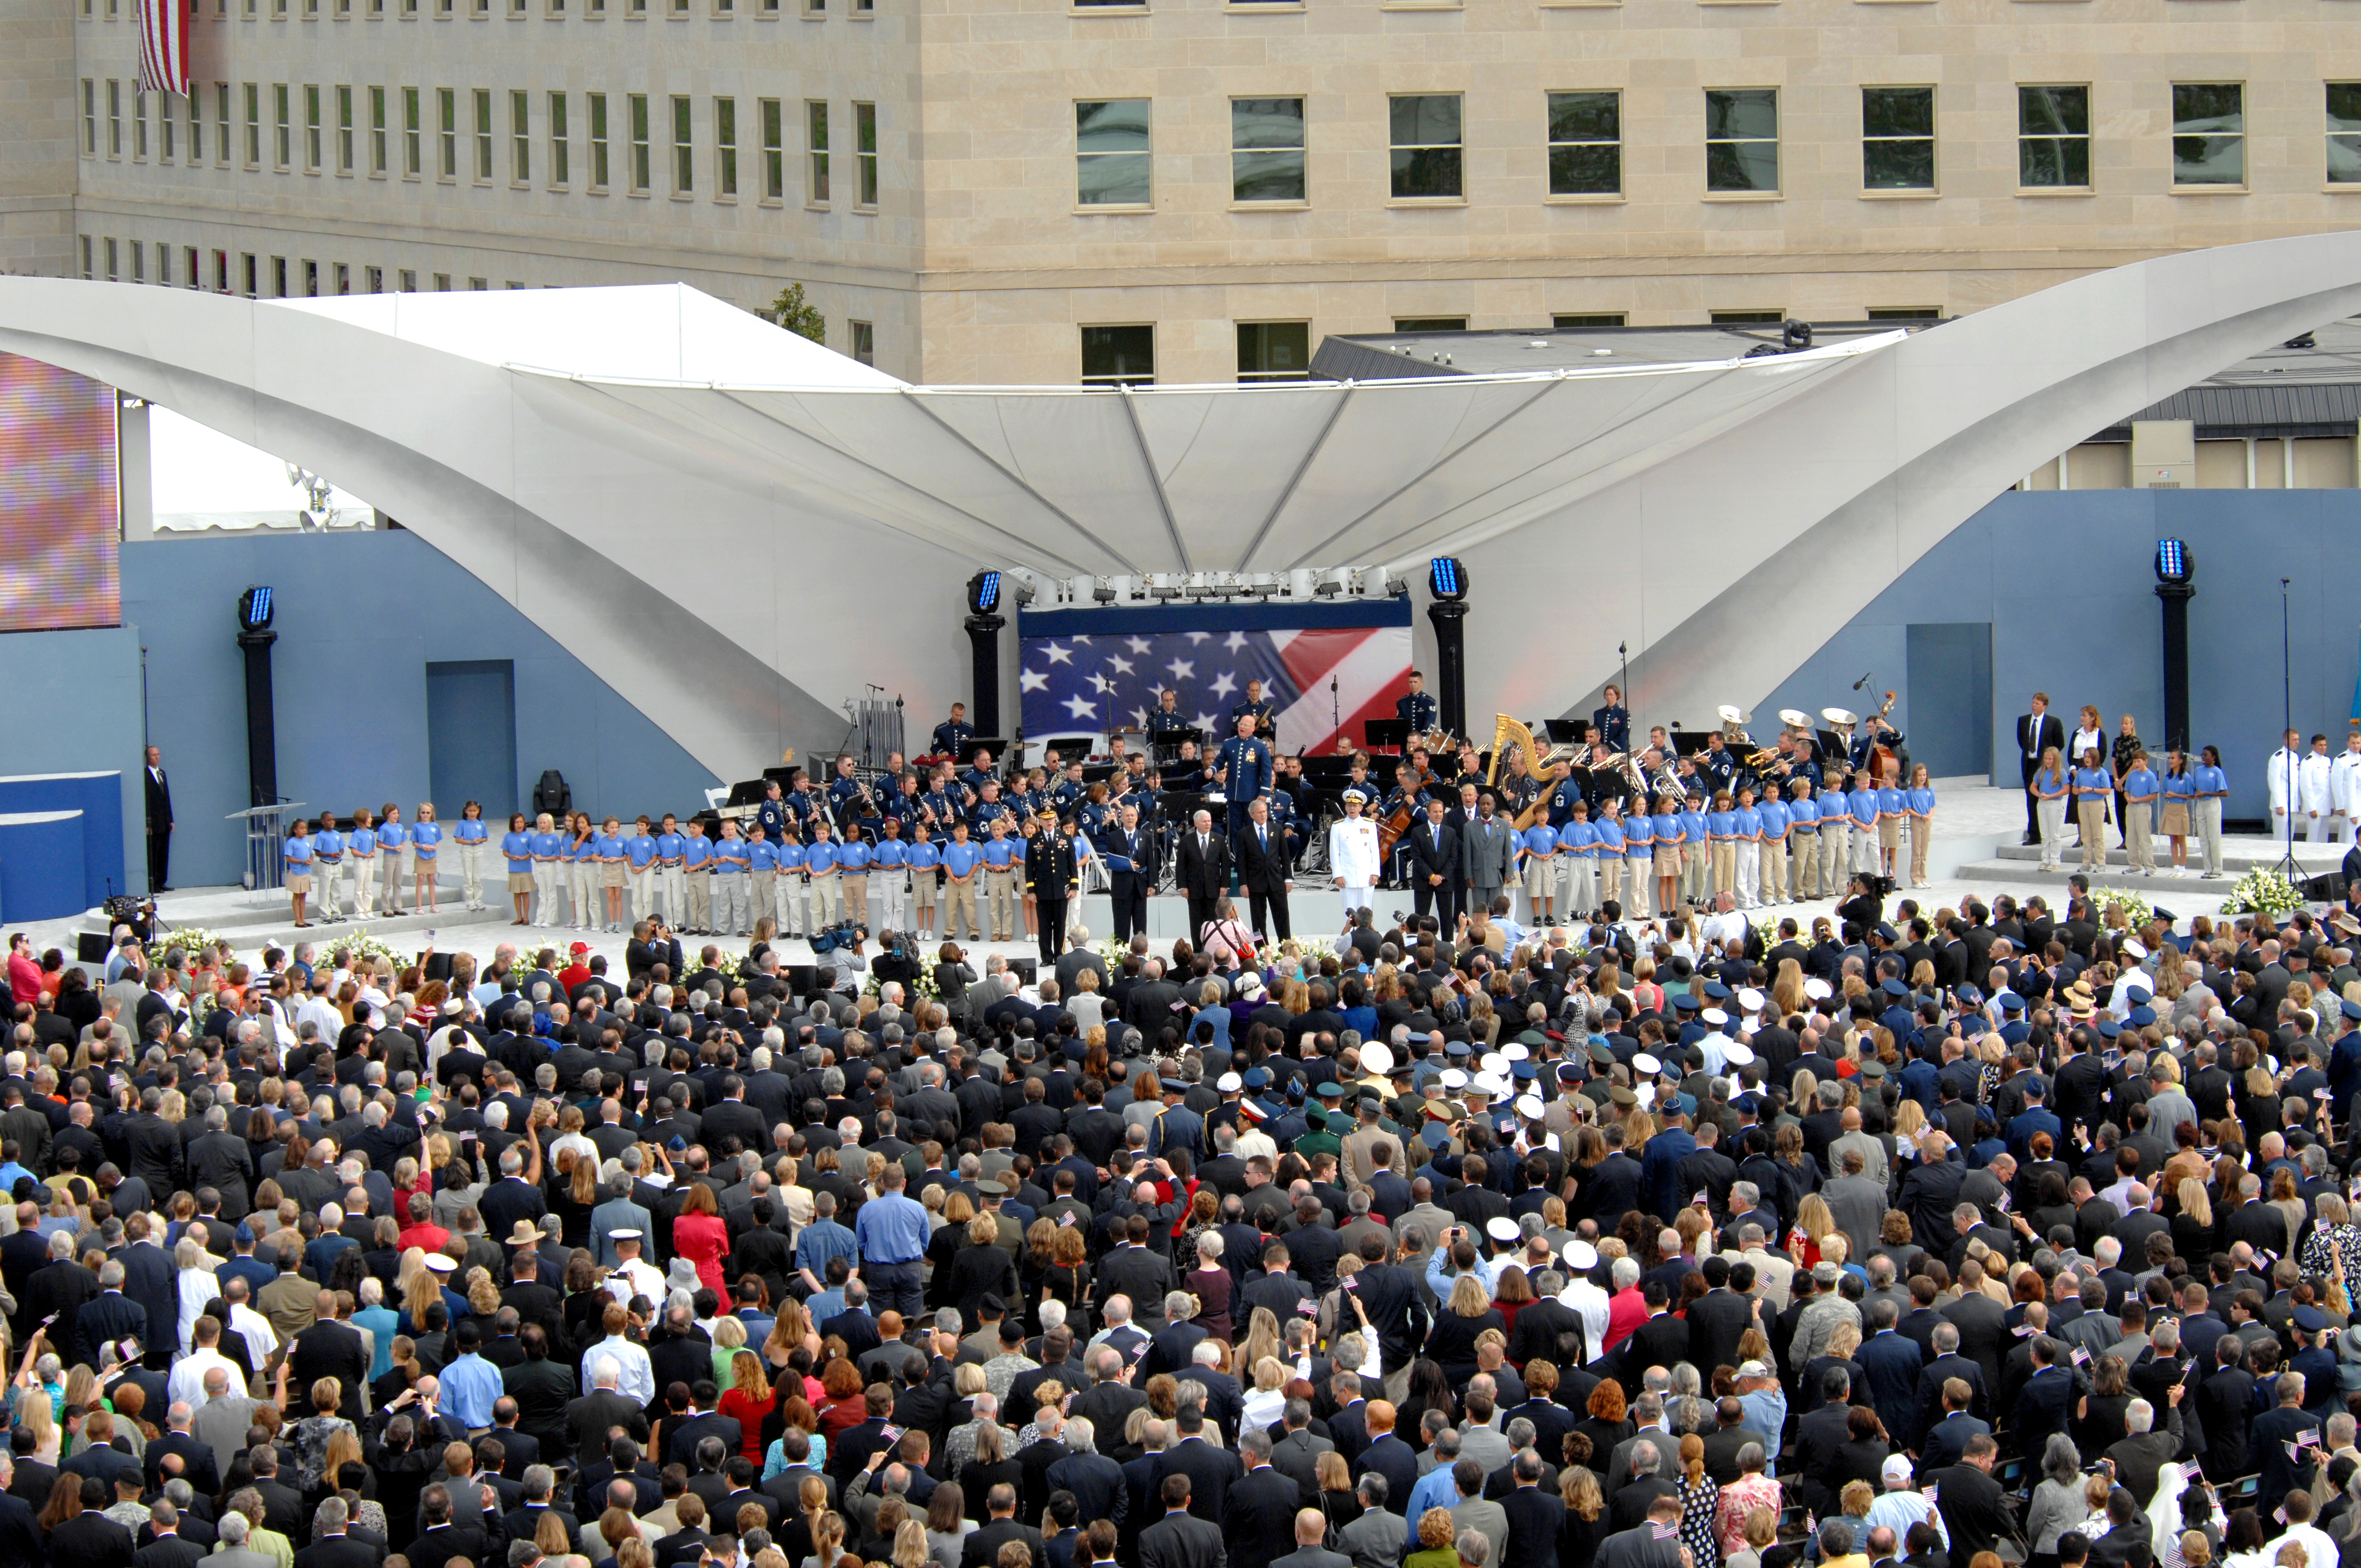 Pentagon Memorial dedication 2008 Crowd